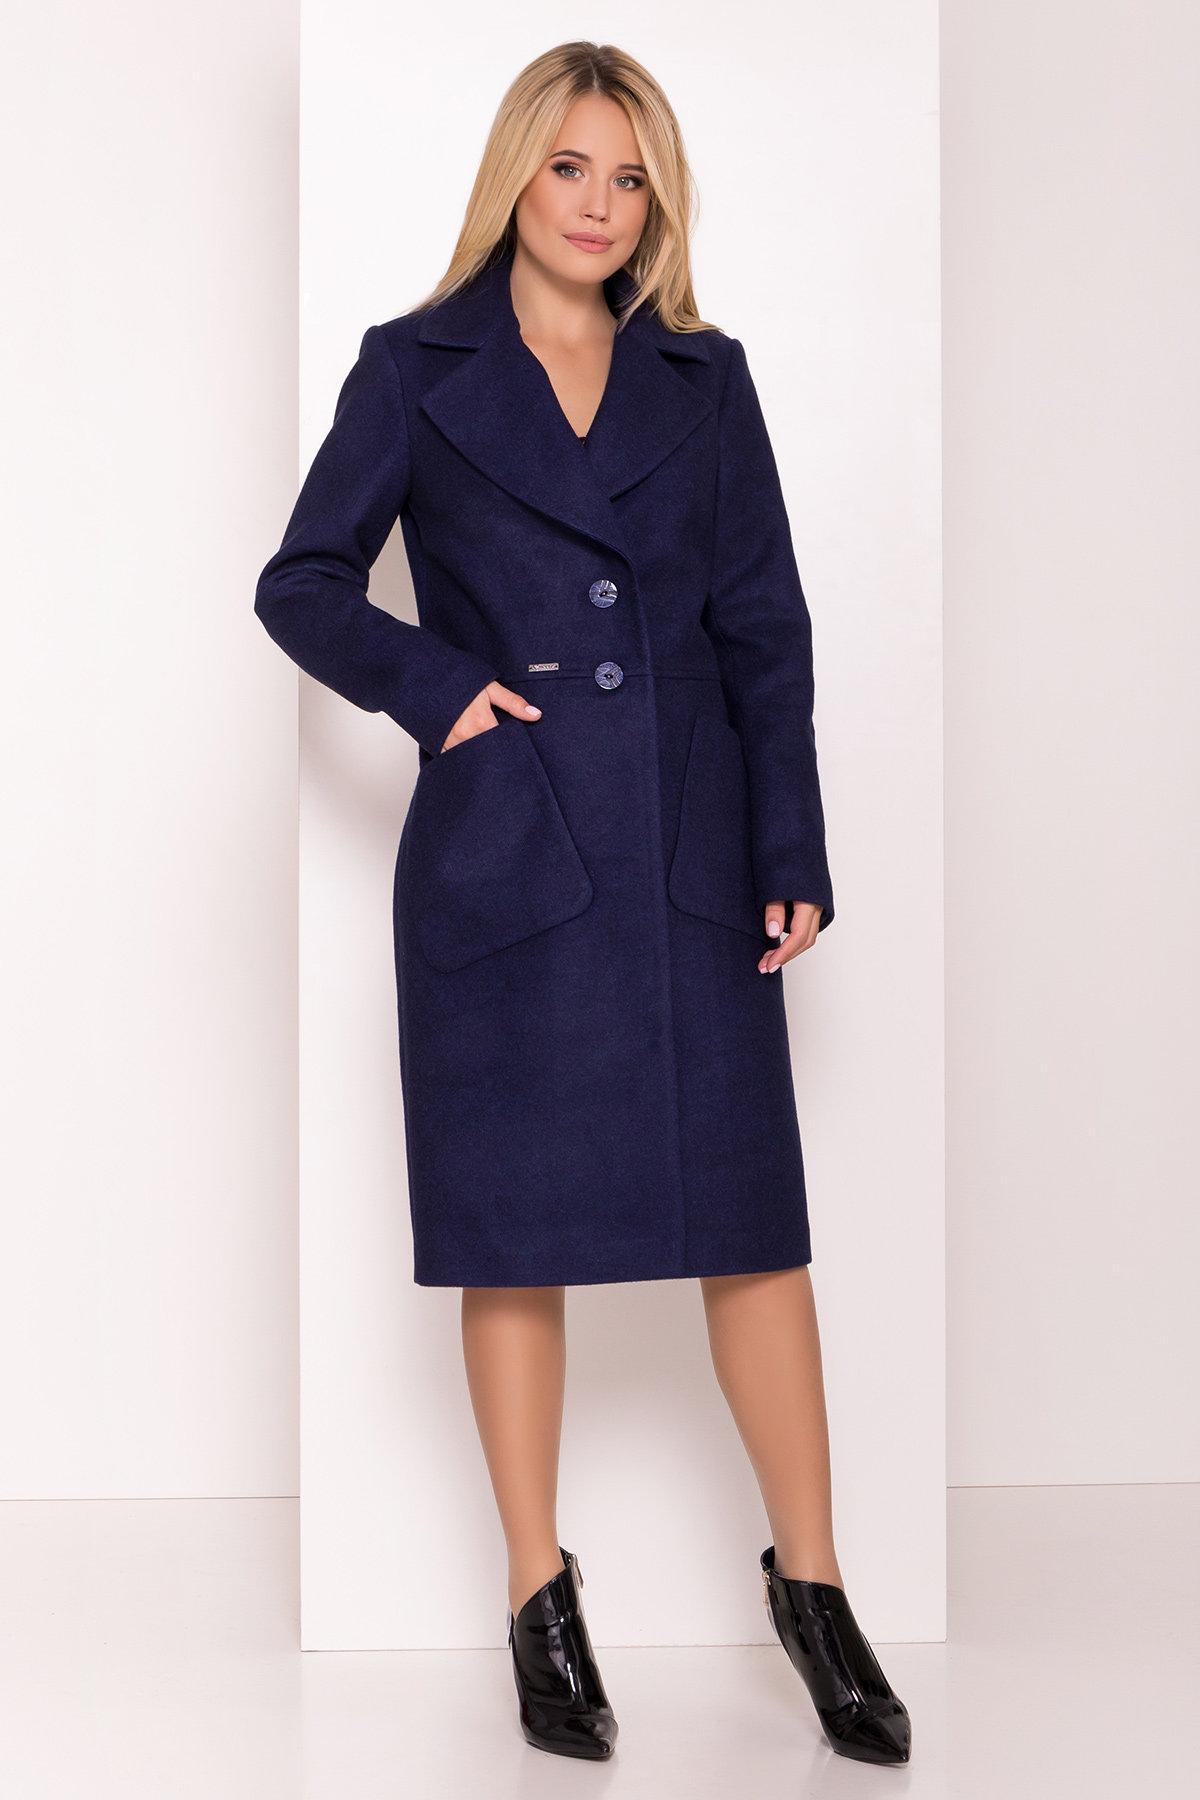 Классическое пальто Габриэлла 7872 АРТ. 43799 Цвет: Т.синий 17 - фото 2, интернет магазин tm-modus.ru